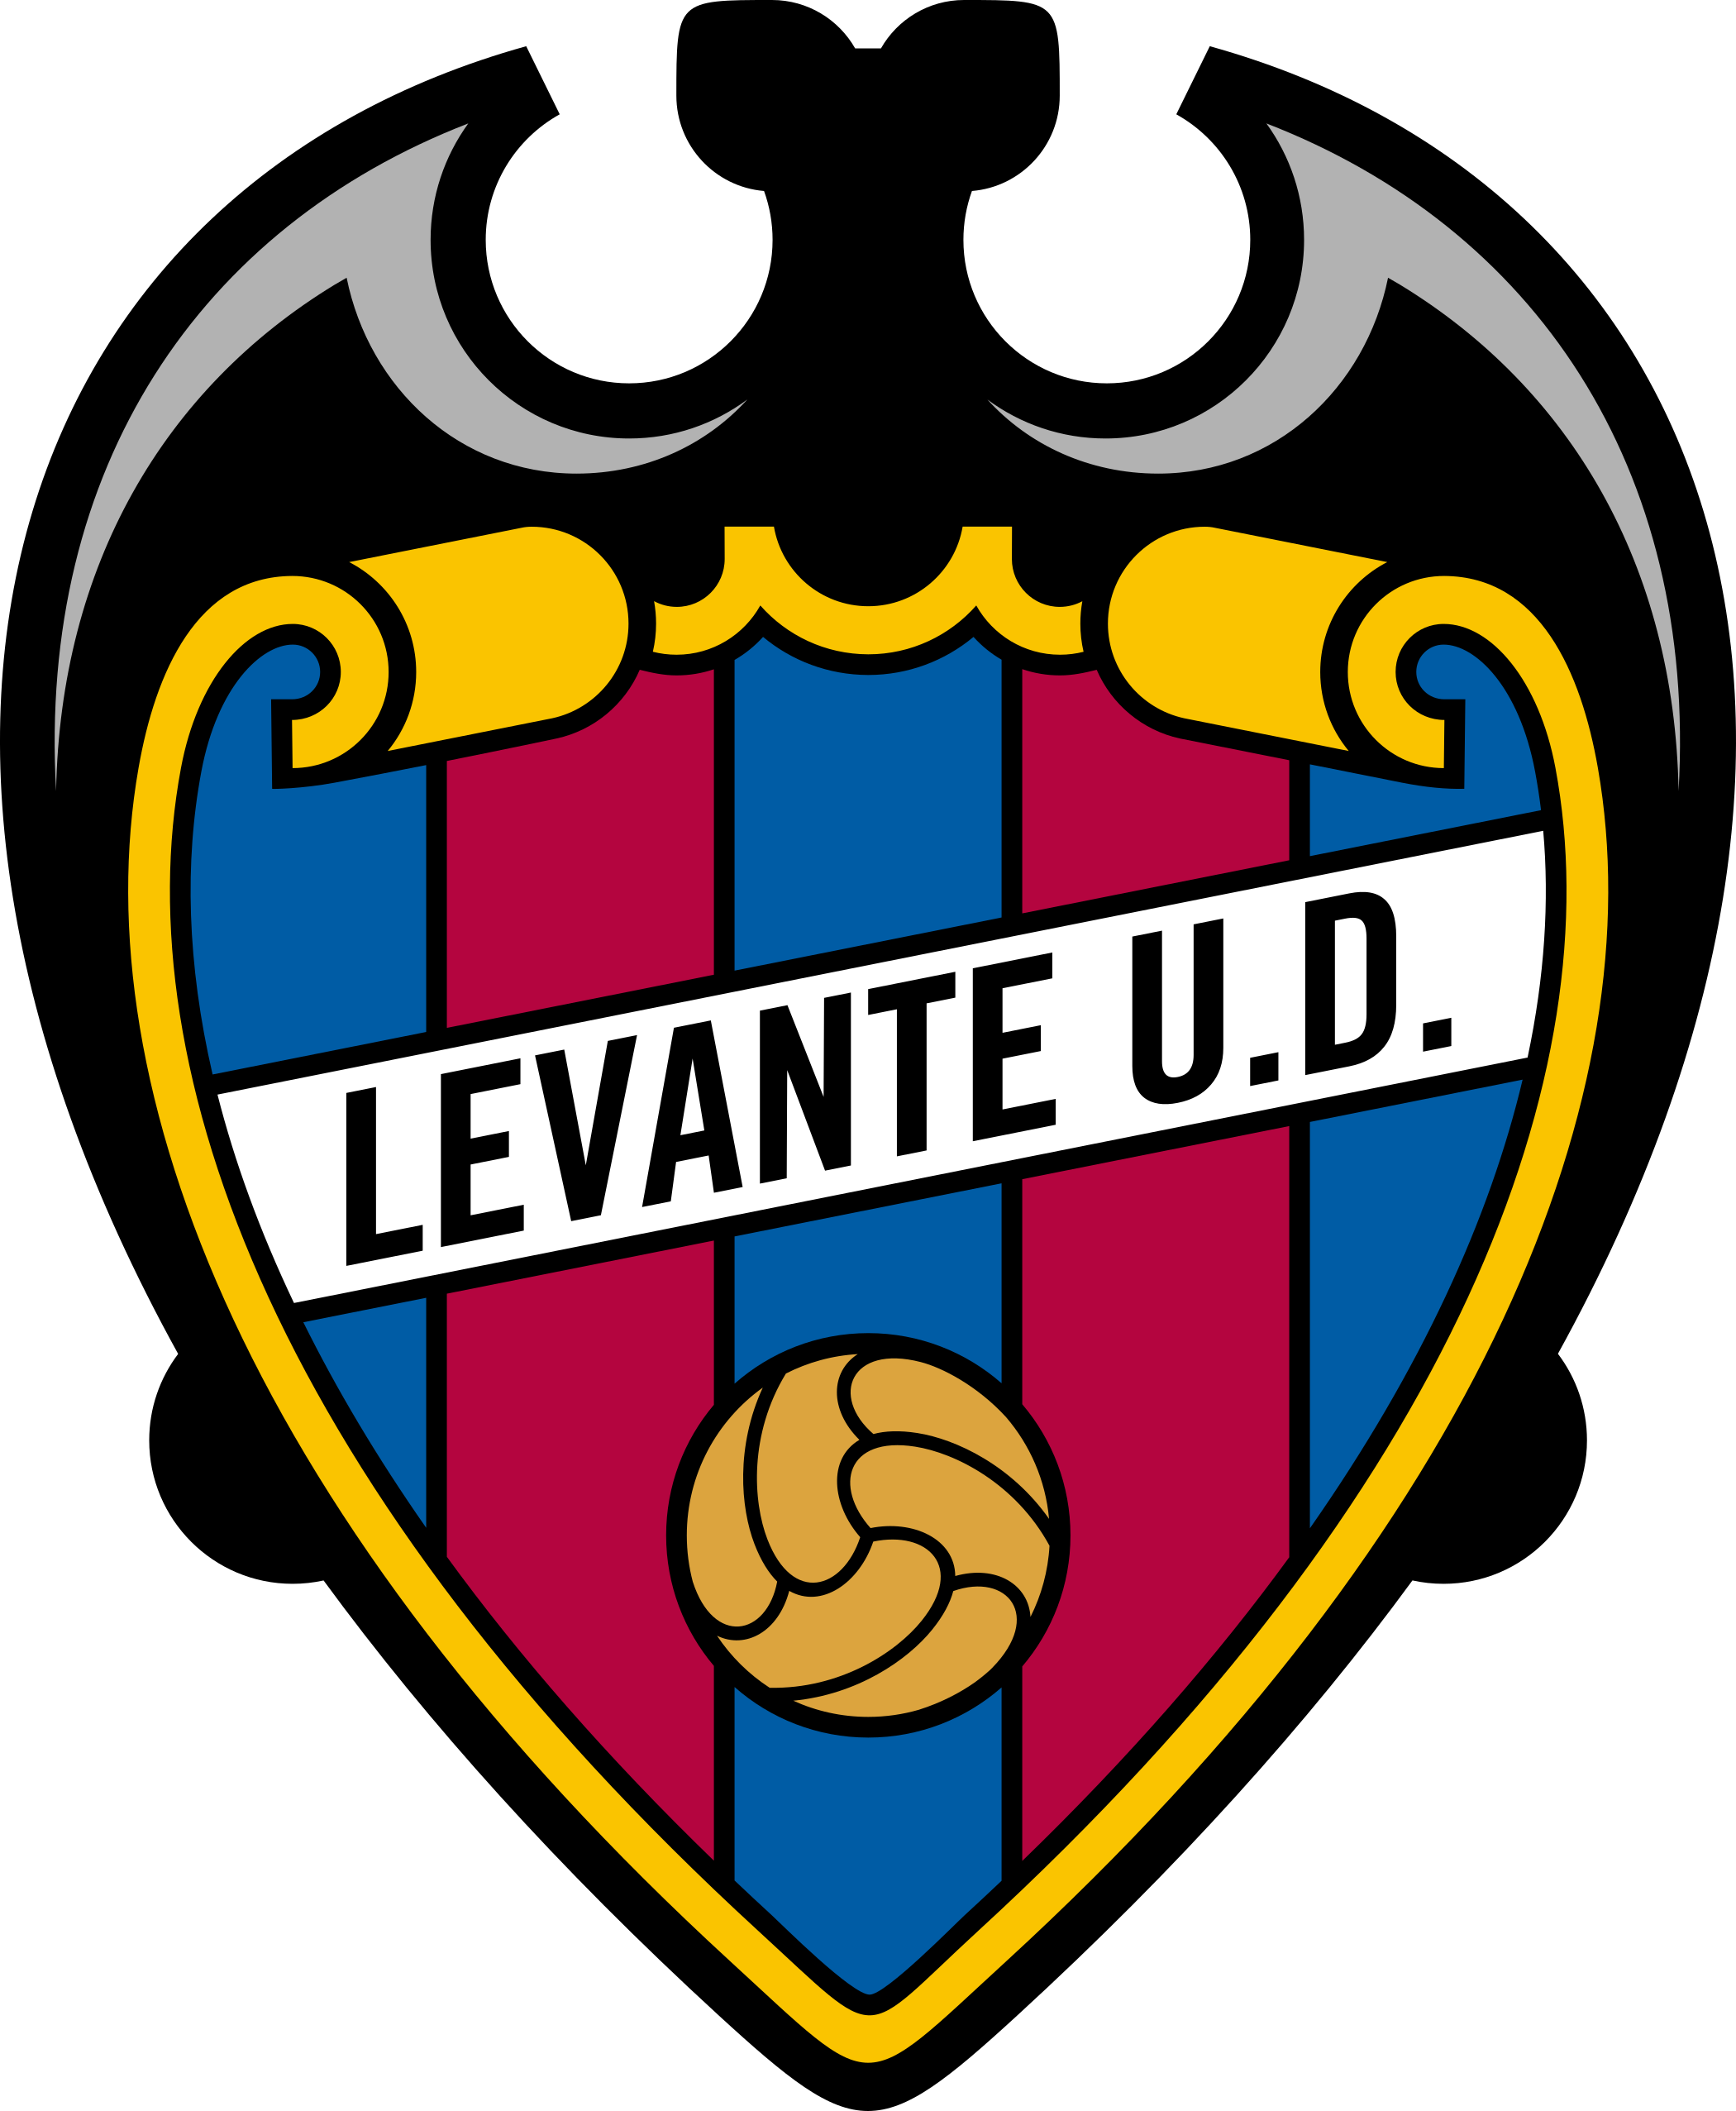 levante-ud-logo-escudo-1